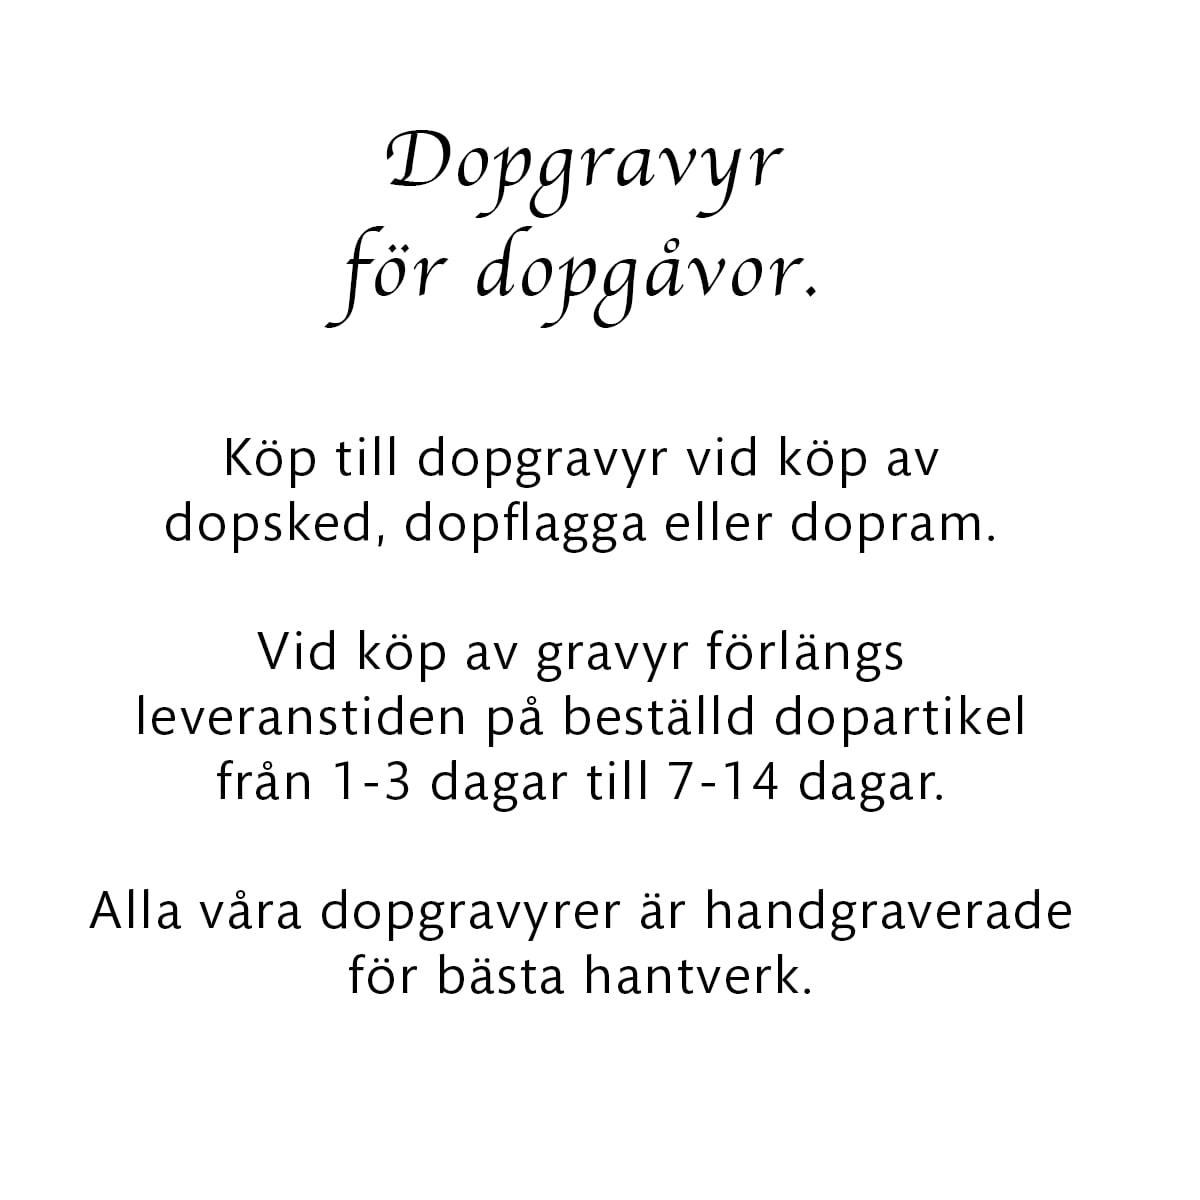 Dopgravyr för dopgåvor.